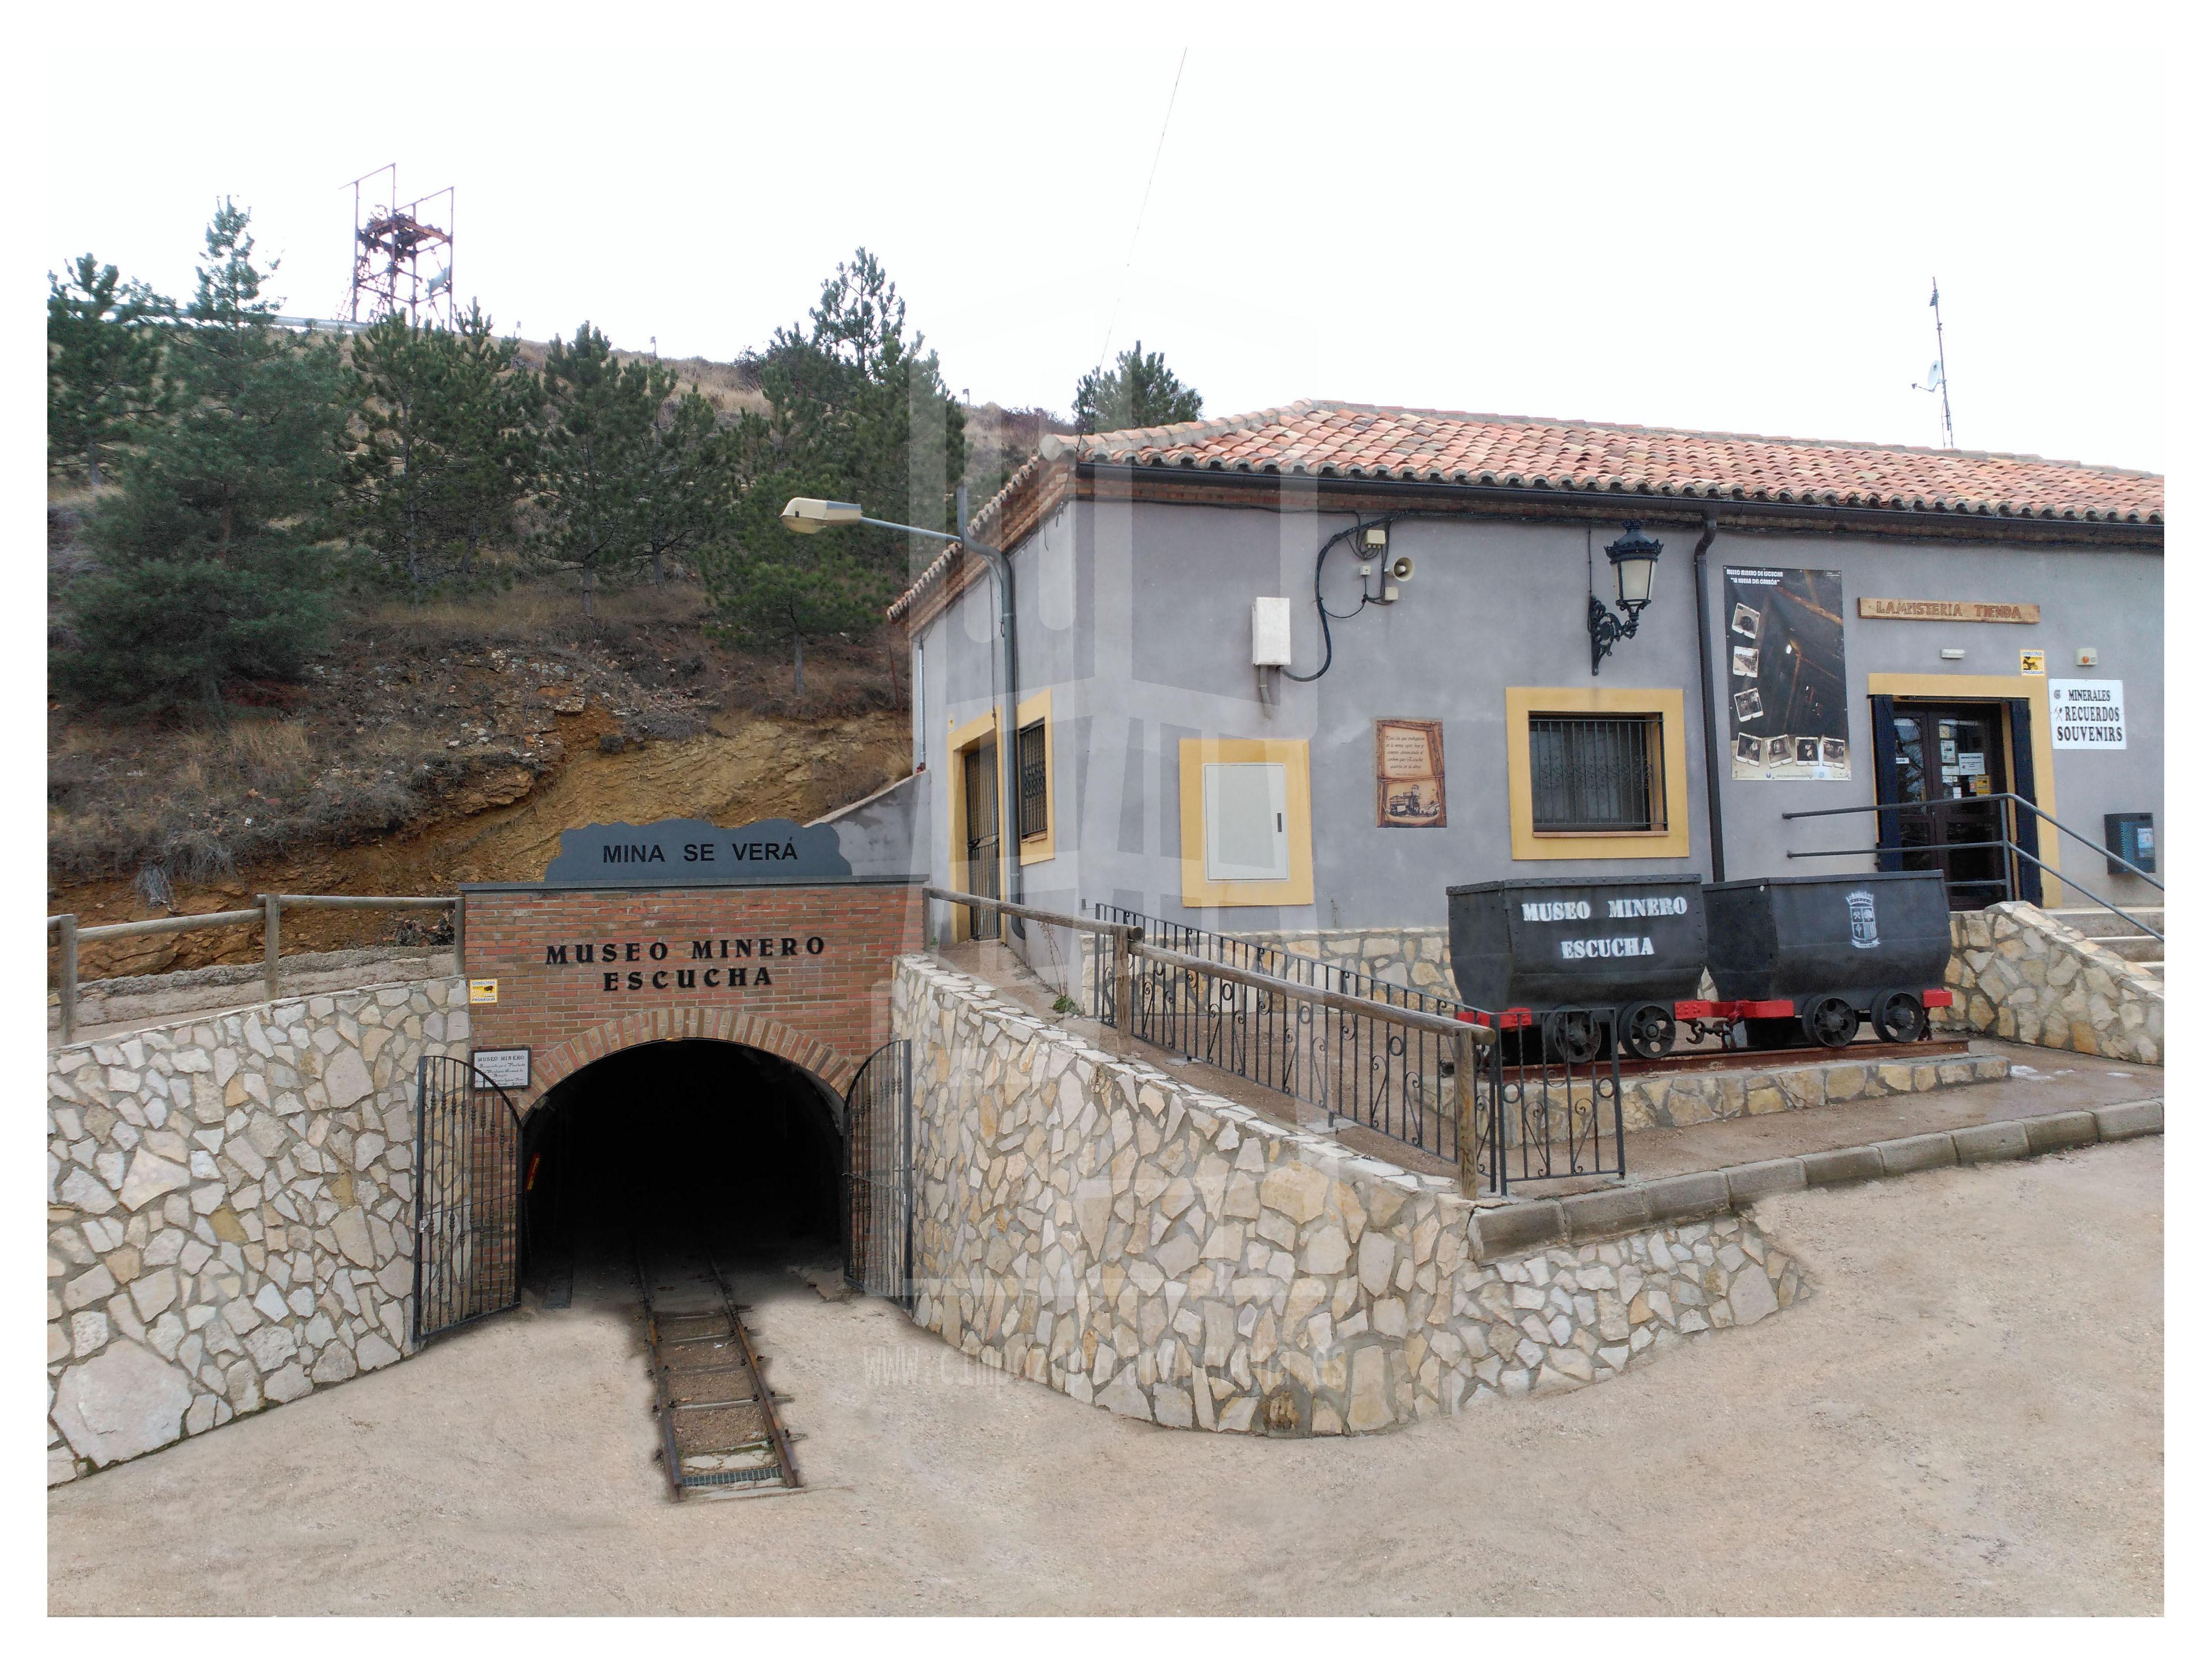 MUSEO MINEO DE ESCUCHA